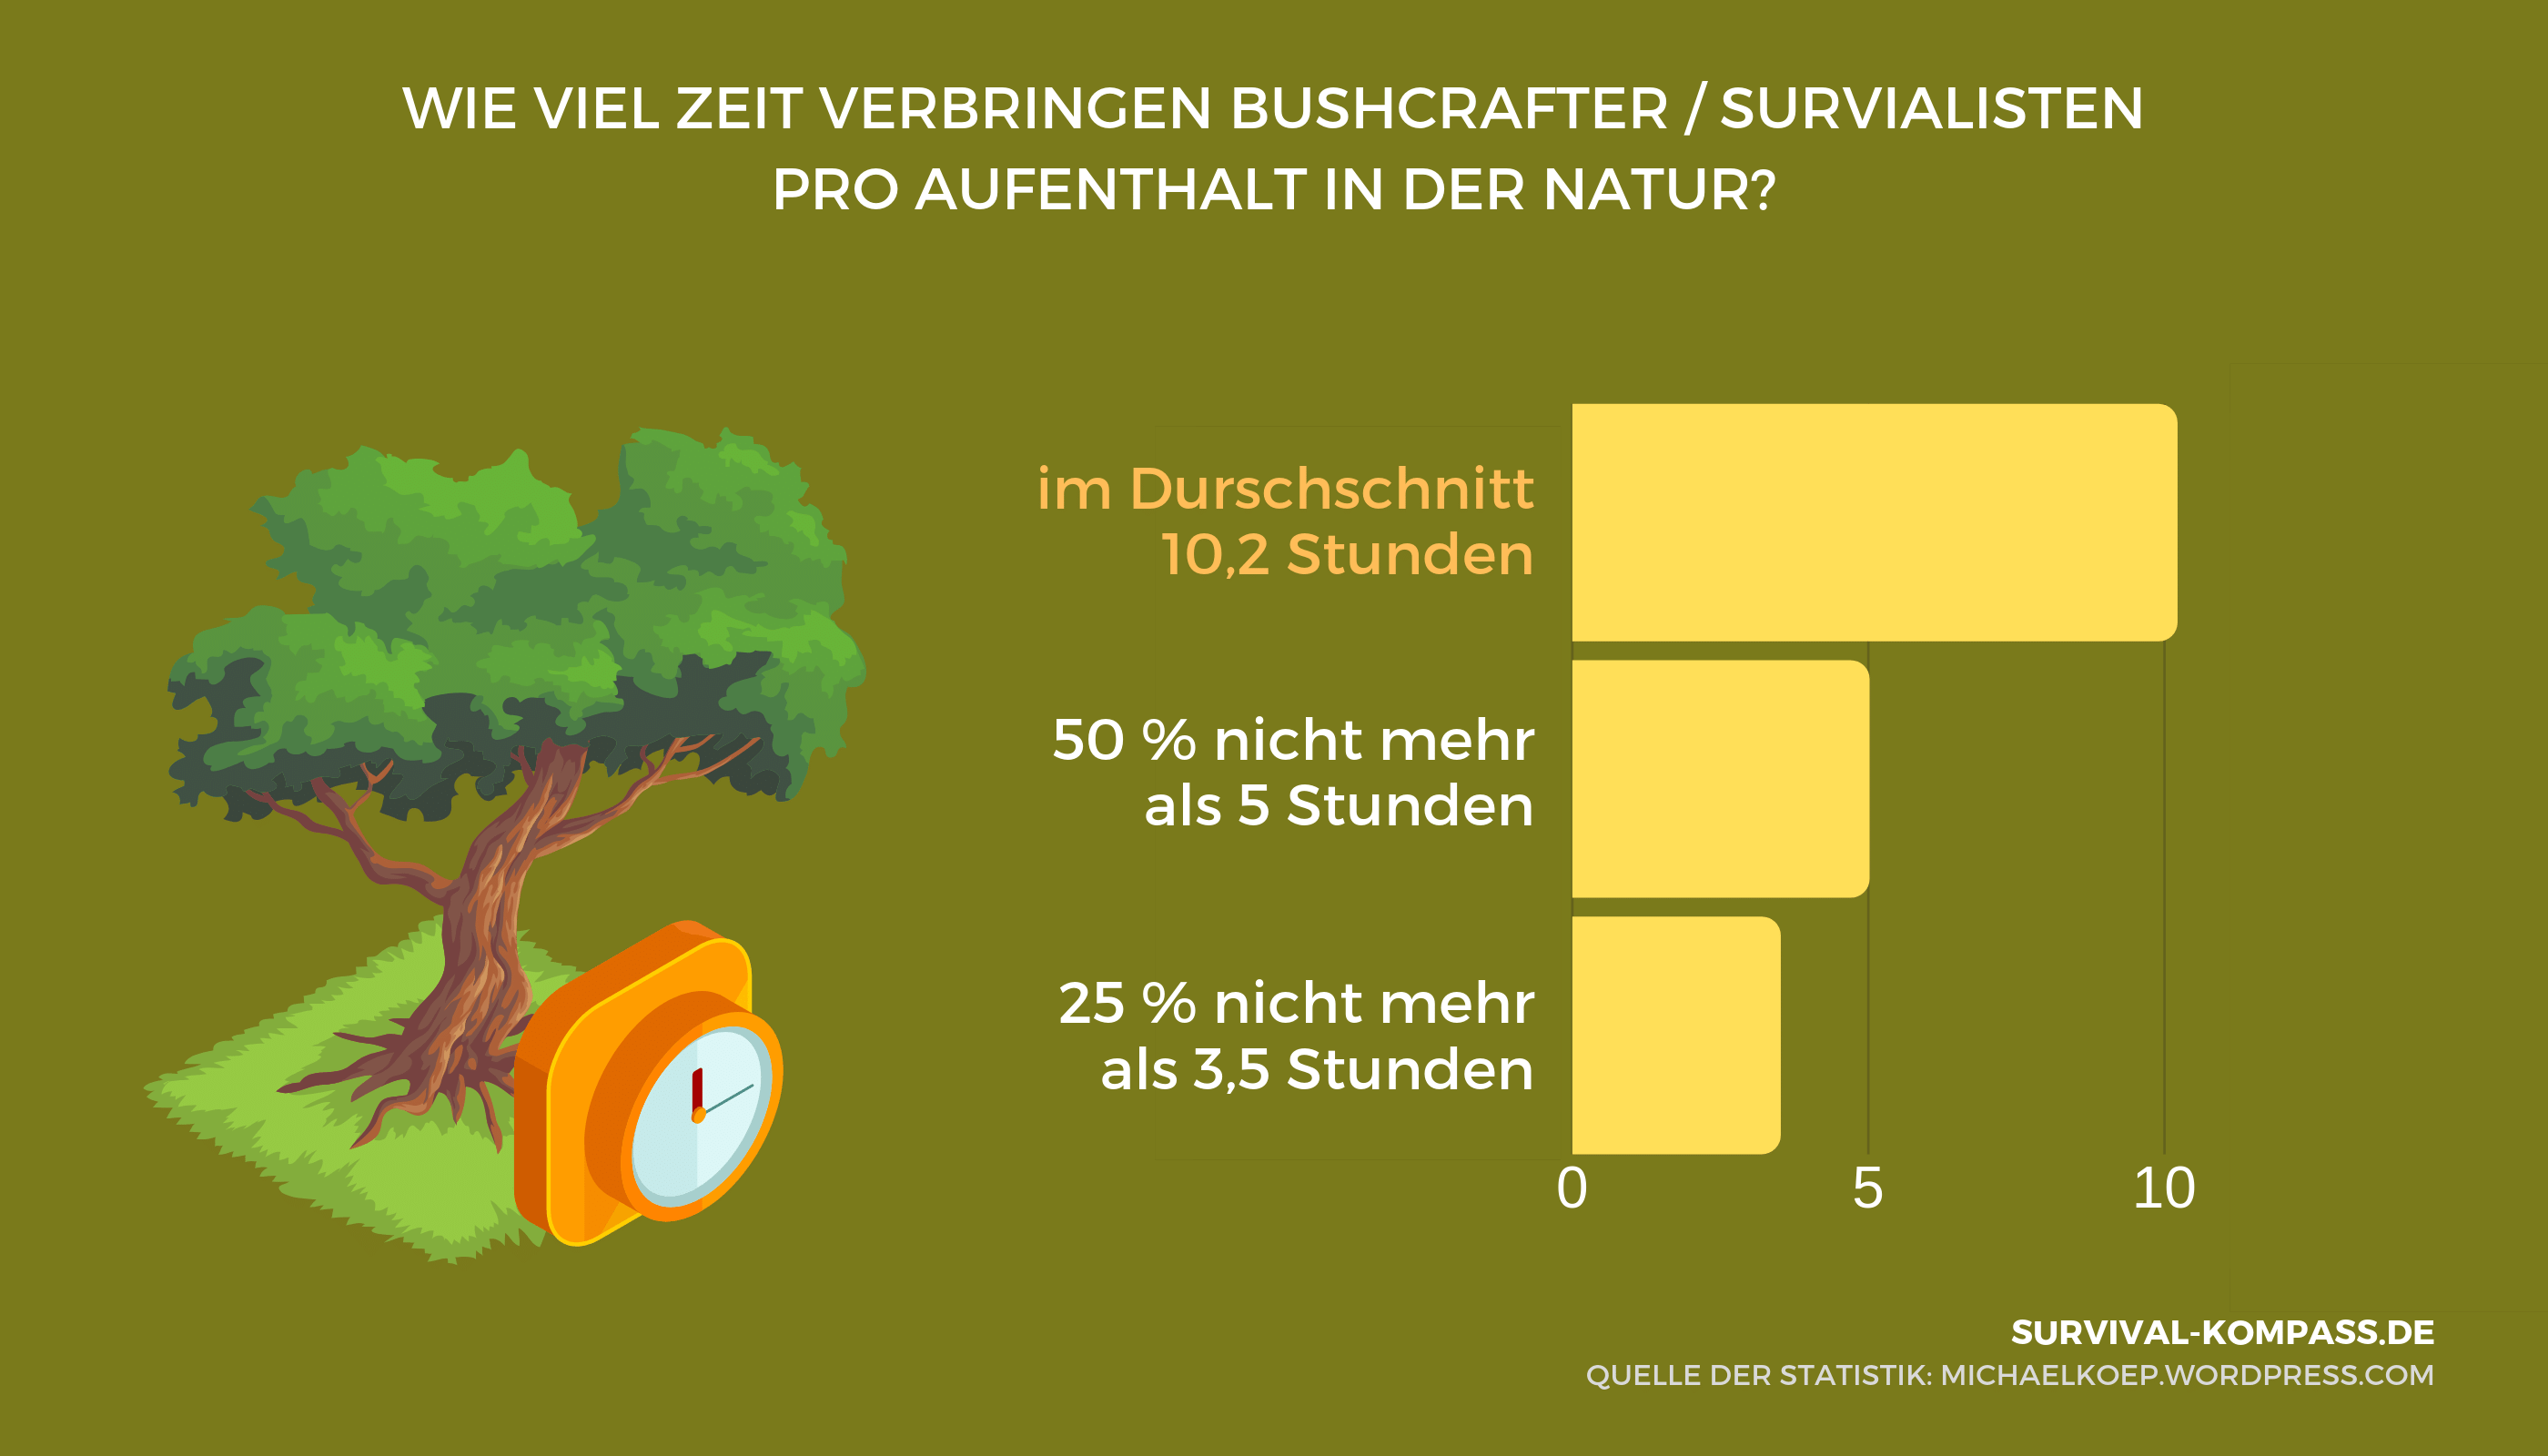 Durchschnittlich verbringen Bushcrafter / Survivalisten 10,2 Stunden pro Aufenthalt in der Natur